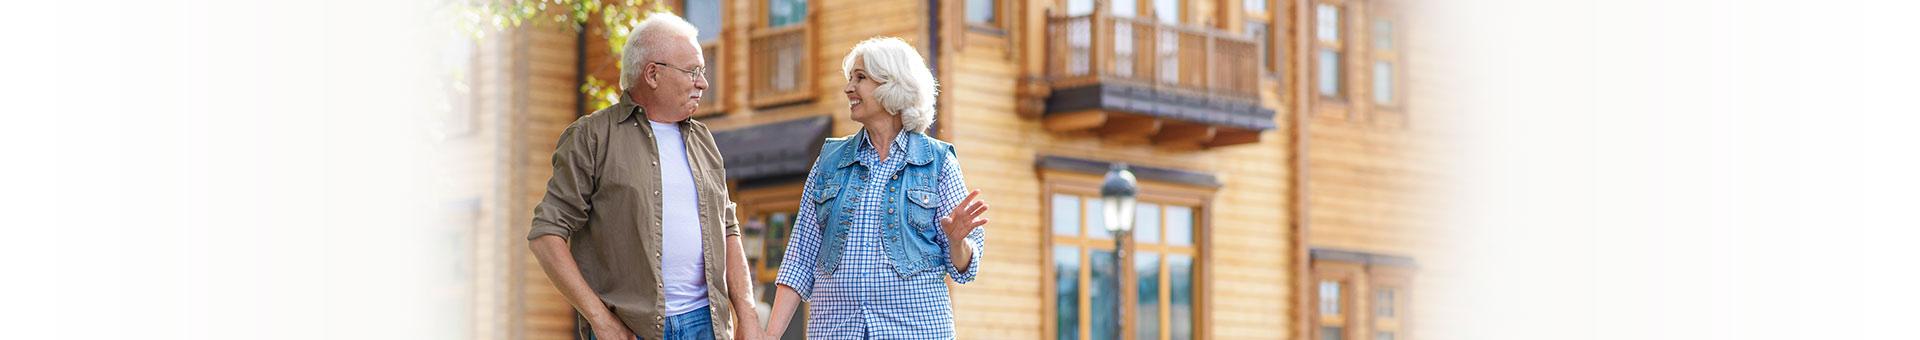 займы для пенсионеров в екатеринбурге кредитная карта мтс банка условия пользования какие